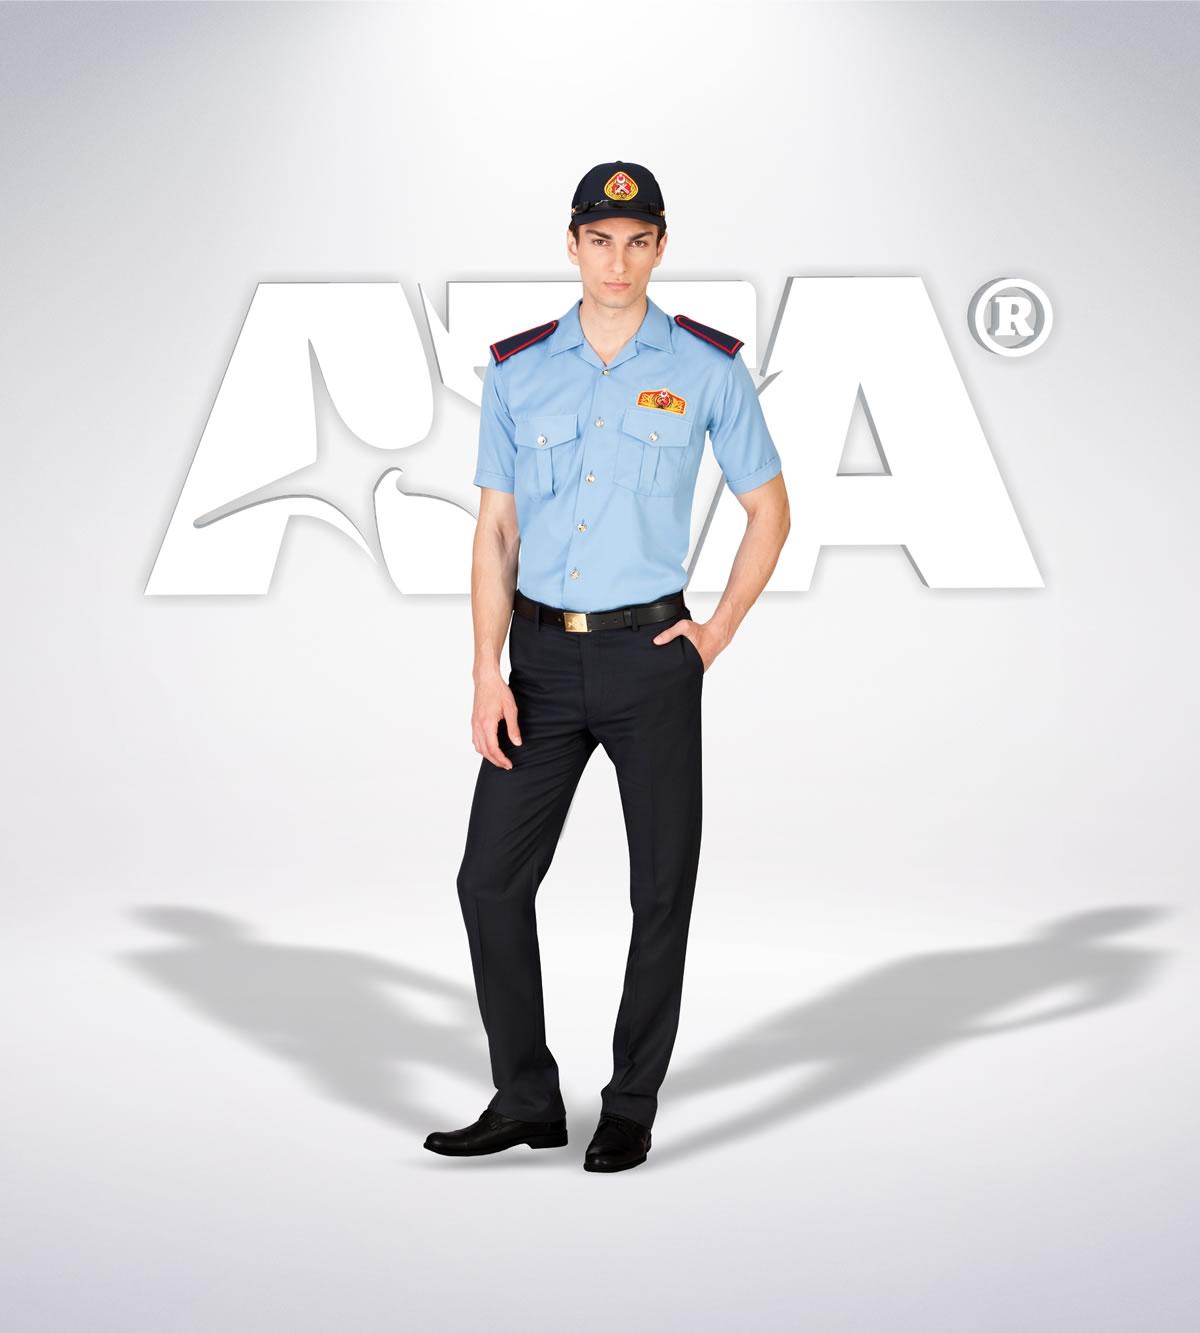 ATA 305 - Pantolon yazlık - gömlek yazlık kışlık - aksesuar - itfaiye elbiseleri | itfaiye üniformaları | itfaiye kıyafetleri